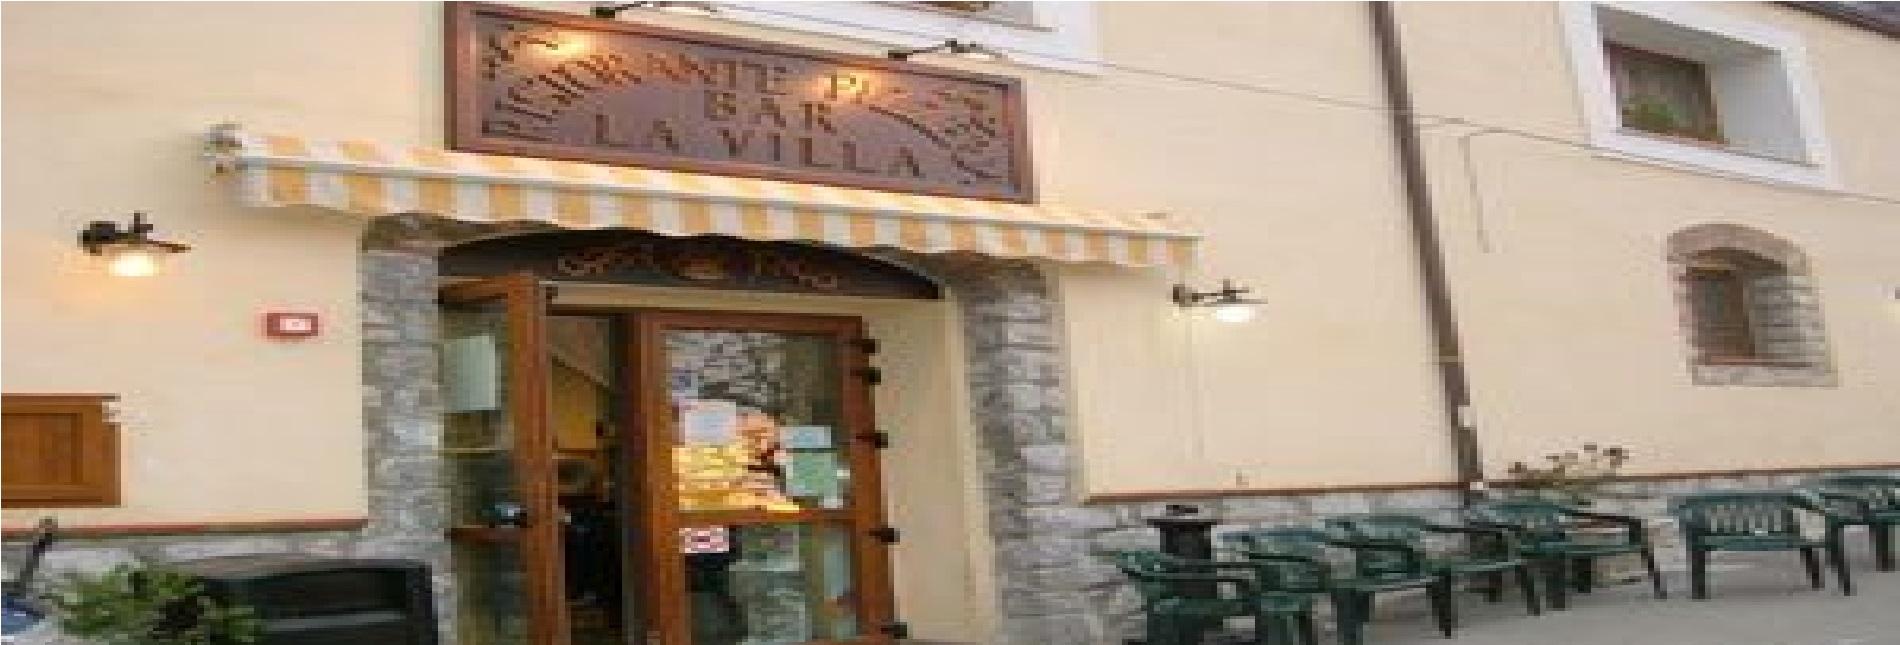 Bar La Villa